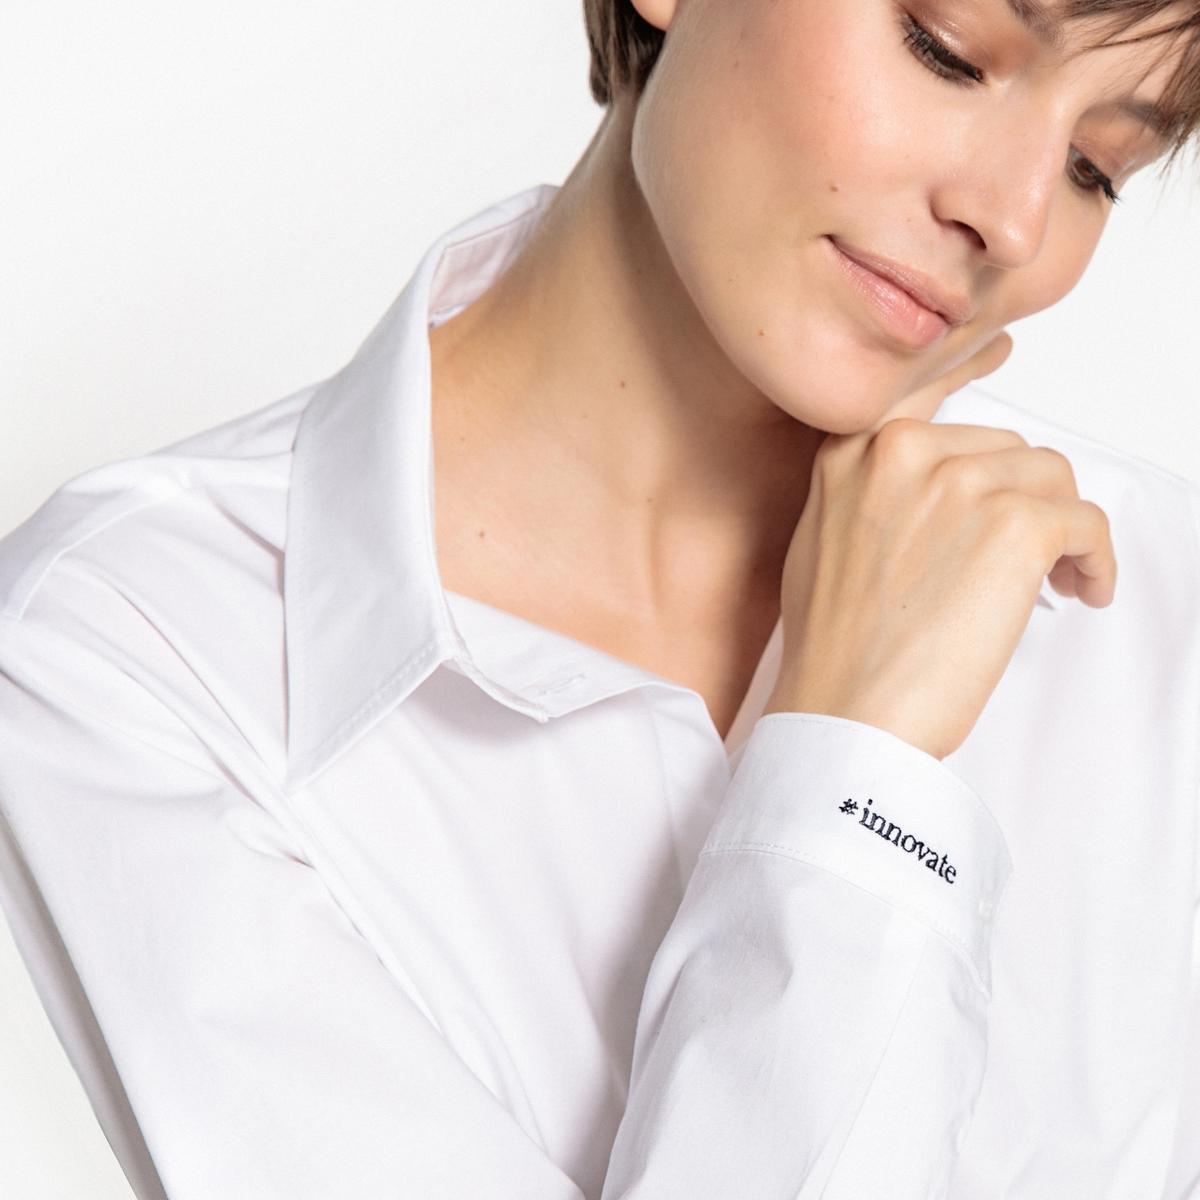 Рубашка с вышивкой #innovate на манжетеОписание:Эксклюзивное и историческое сотрудничество! La Redoute присоединяется к празднованию Дня цифровой женщины и предлагает эту белую рубашку с вышивкой или именем для всех деловых женщин. Потому что La Redoute предлагает одежду для женщин, которые хотят изменить мир, La Redoute переведет 4,50 евро с каждой проданной рубашки в фонд Margaret, который поддерживает стартапы, основанные женщинами.Детали •  Длинные рукава •  Прямой покрой •  Воротник-поло, рубашечныйСостав и уход •  98% хлопка, 2% эластана •  Tемпература стирки 30° на деликатном режиме •  Любые растворители / не отбеливать •  Не использовать барабанную сушку •  Низкая температура глажки<br><br>Цвет: белый